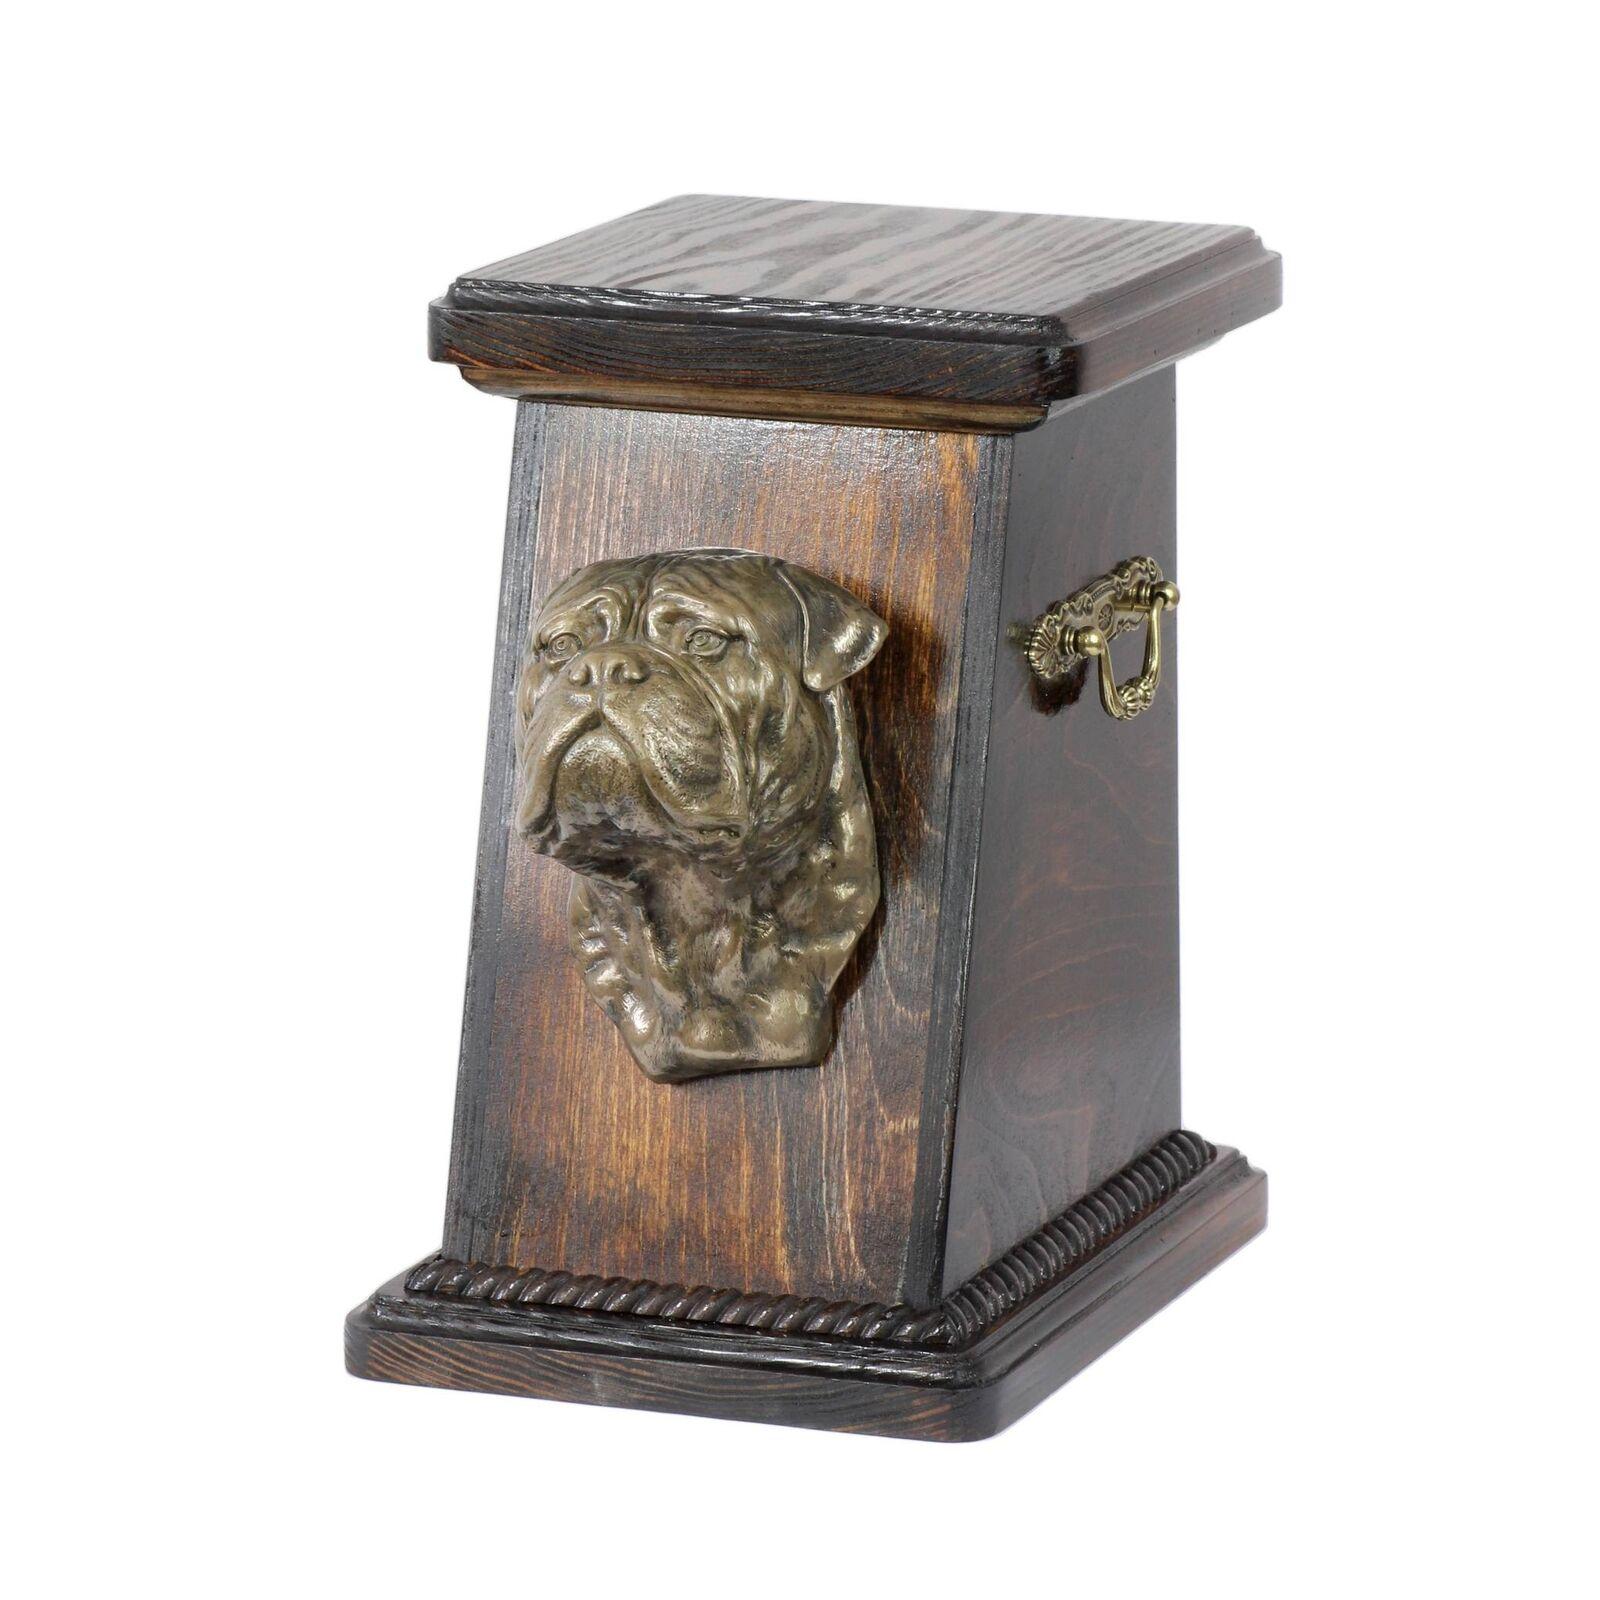 Bullmastiff - urna di legno con l'immagine di un cane Art Dog IT Tipo 3